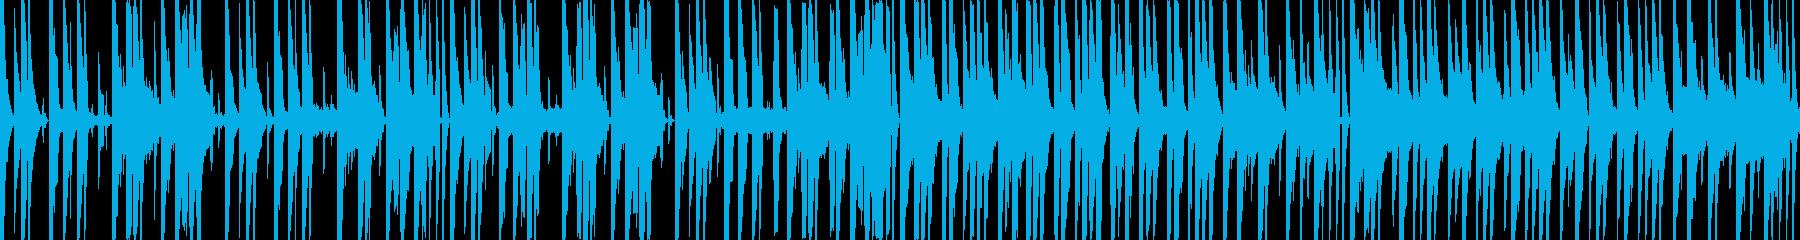 ふざけた感じの色々な音色を使ったBGMの再生済みの波形